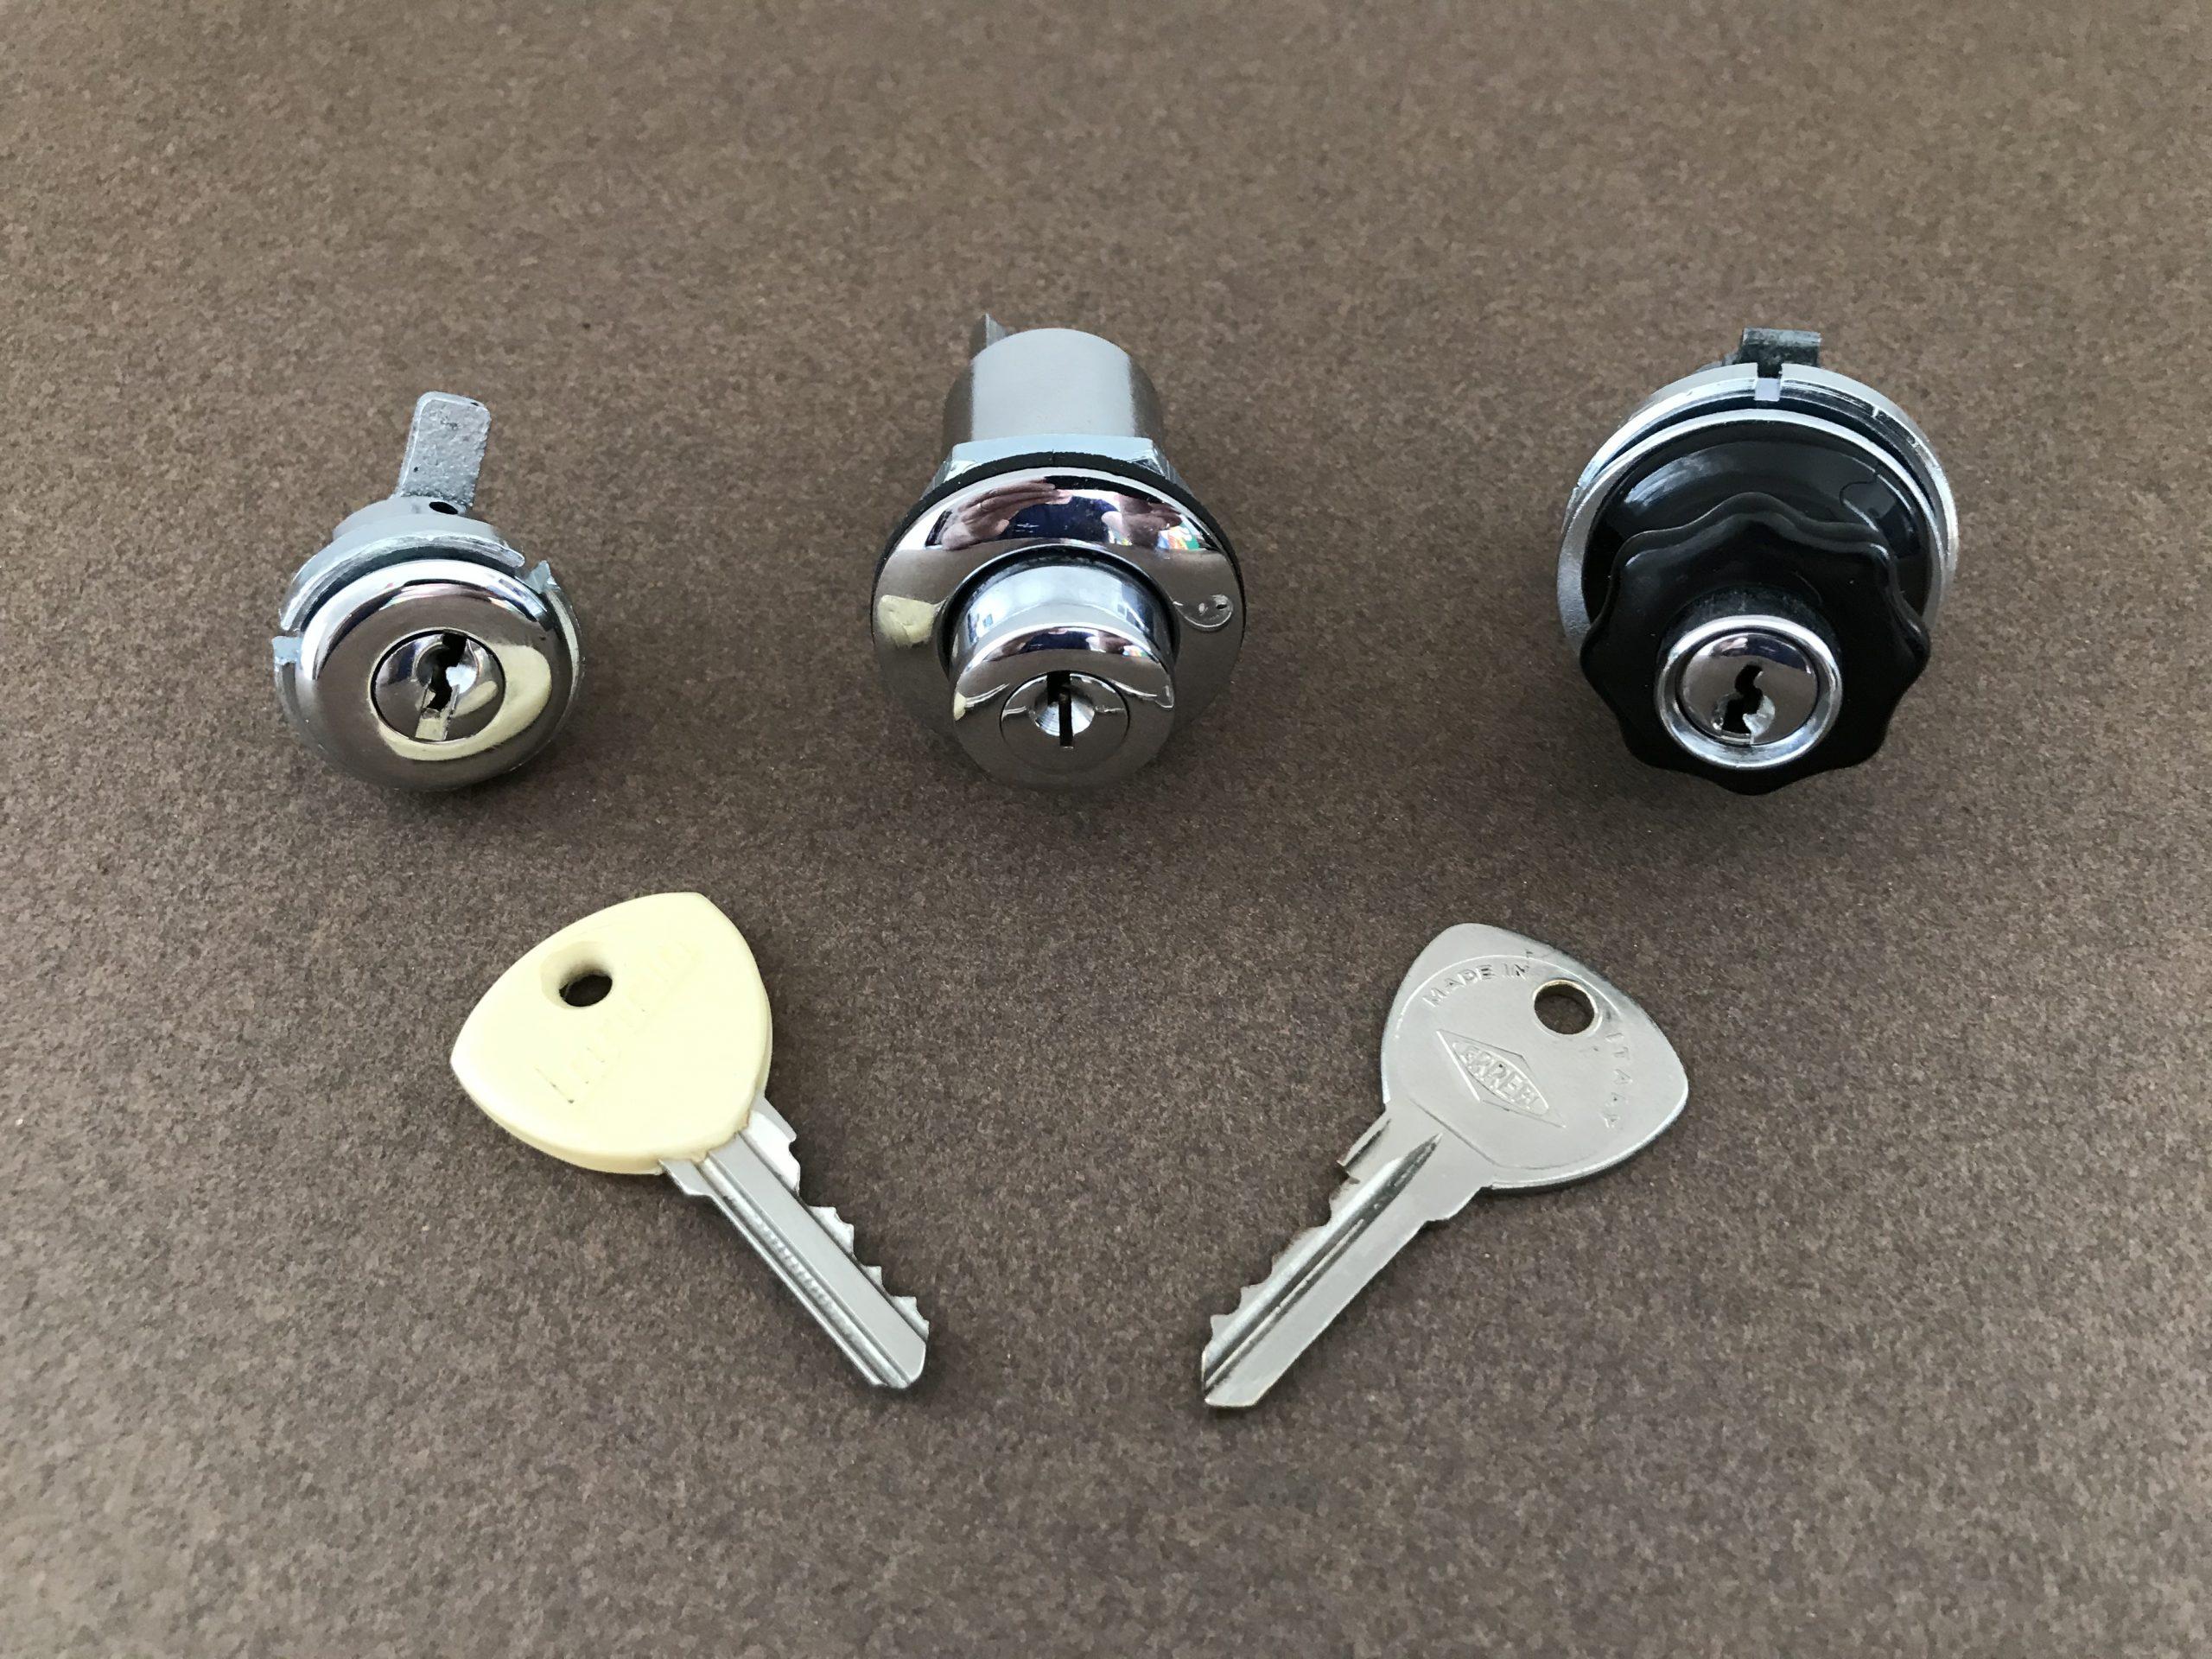 Flaminia Touring Lock Set 1 Image